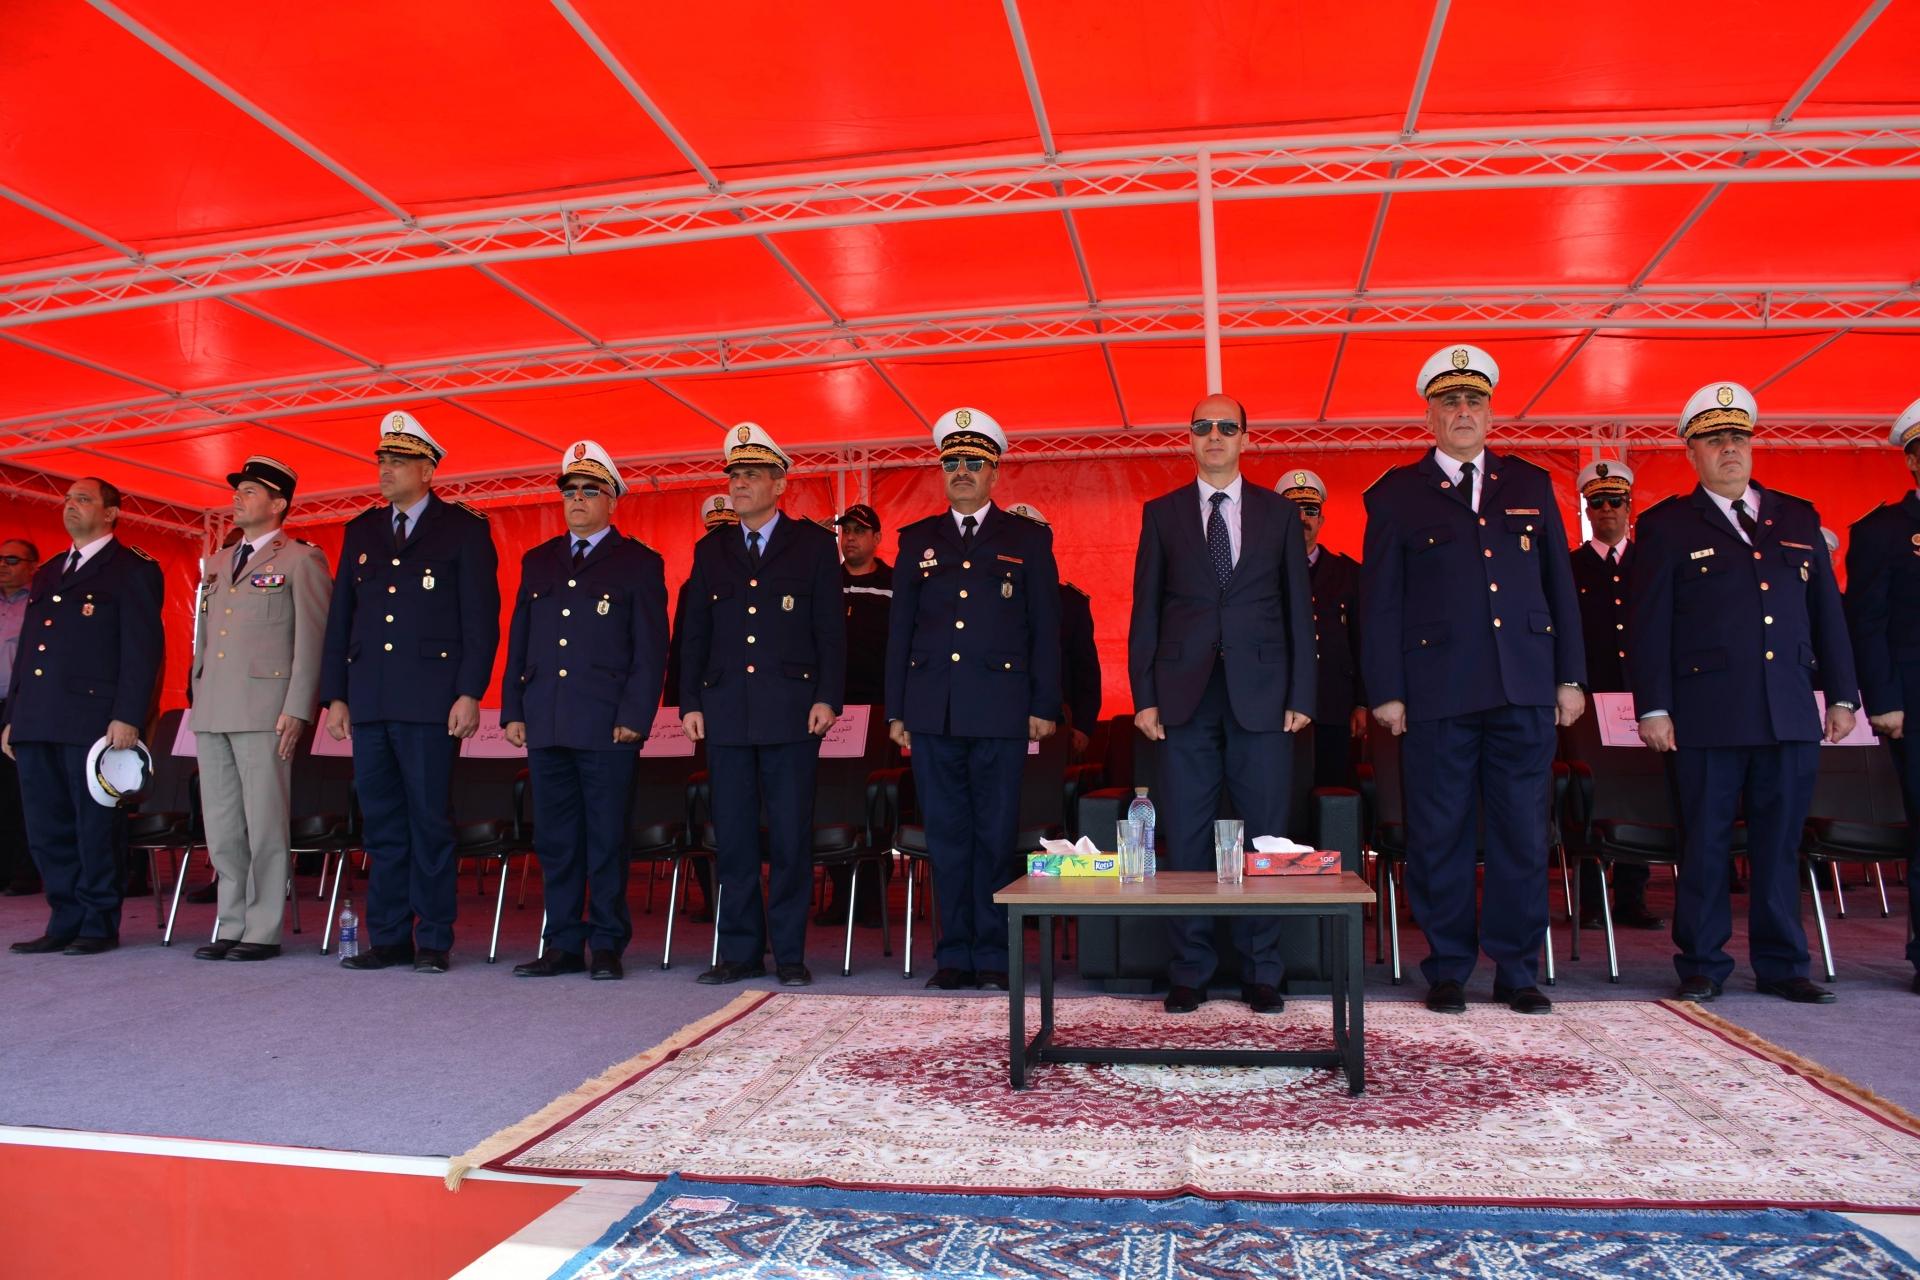 Cérémonie de remise des grades et médailles d'honneur à l'occasion du 63 ème anniversaire des forces de sécurités intérieur à l'ENPC.